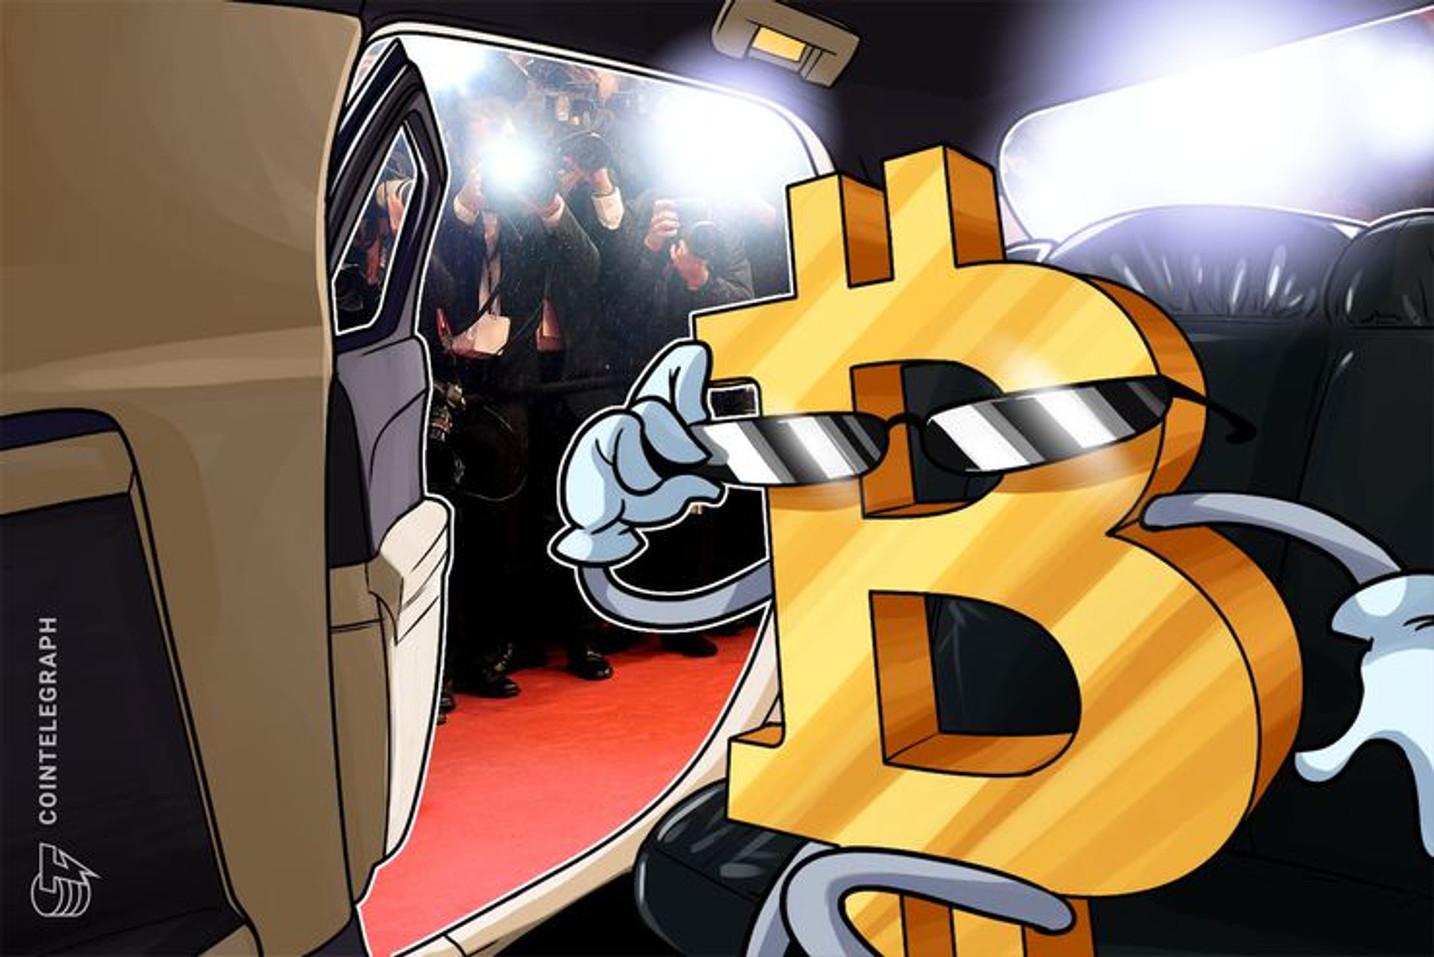 Maior prêmio da história da Mega Sena valeria 6 vezes mais se fosse investido em Bitcoin e faria vencedor bilionário